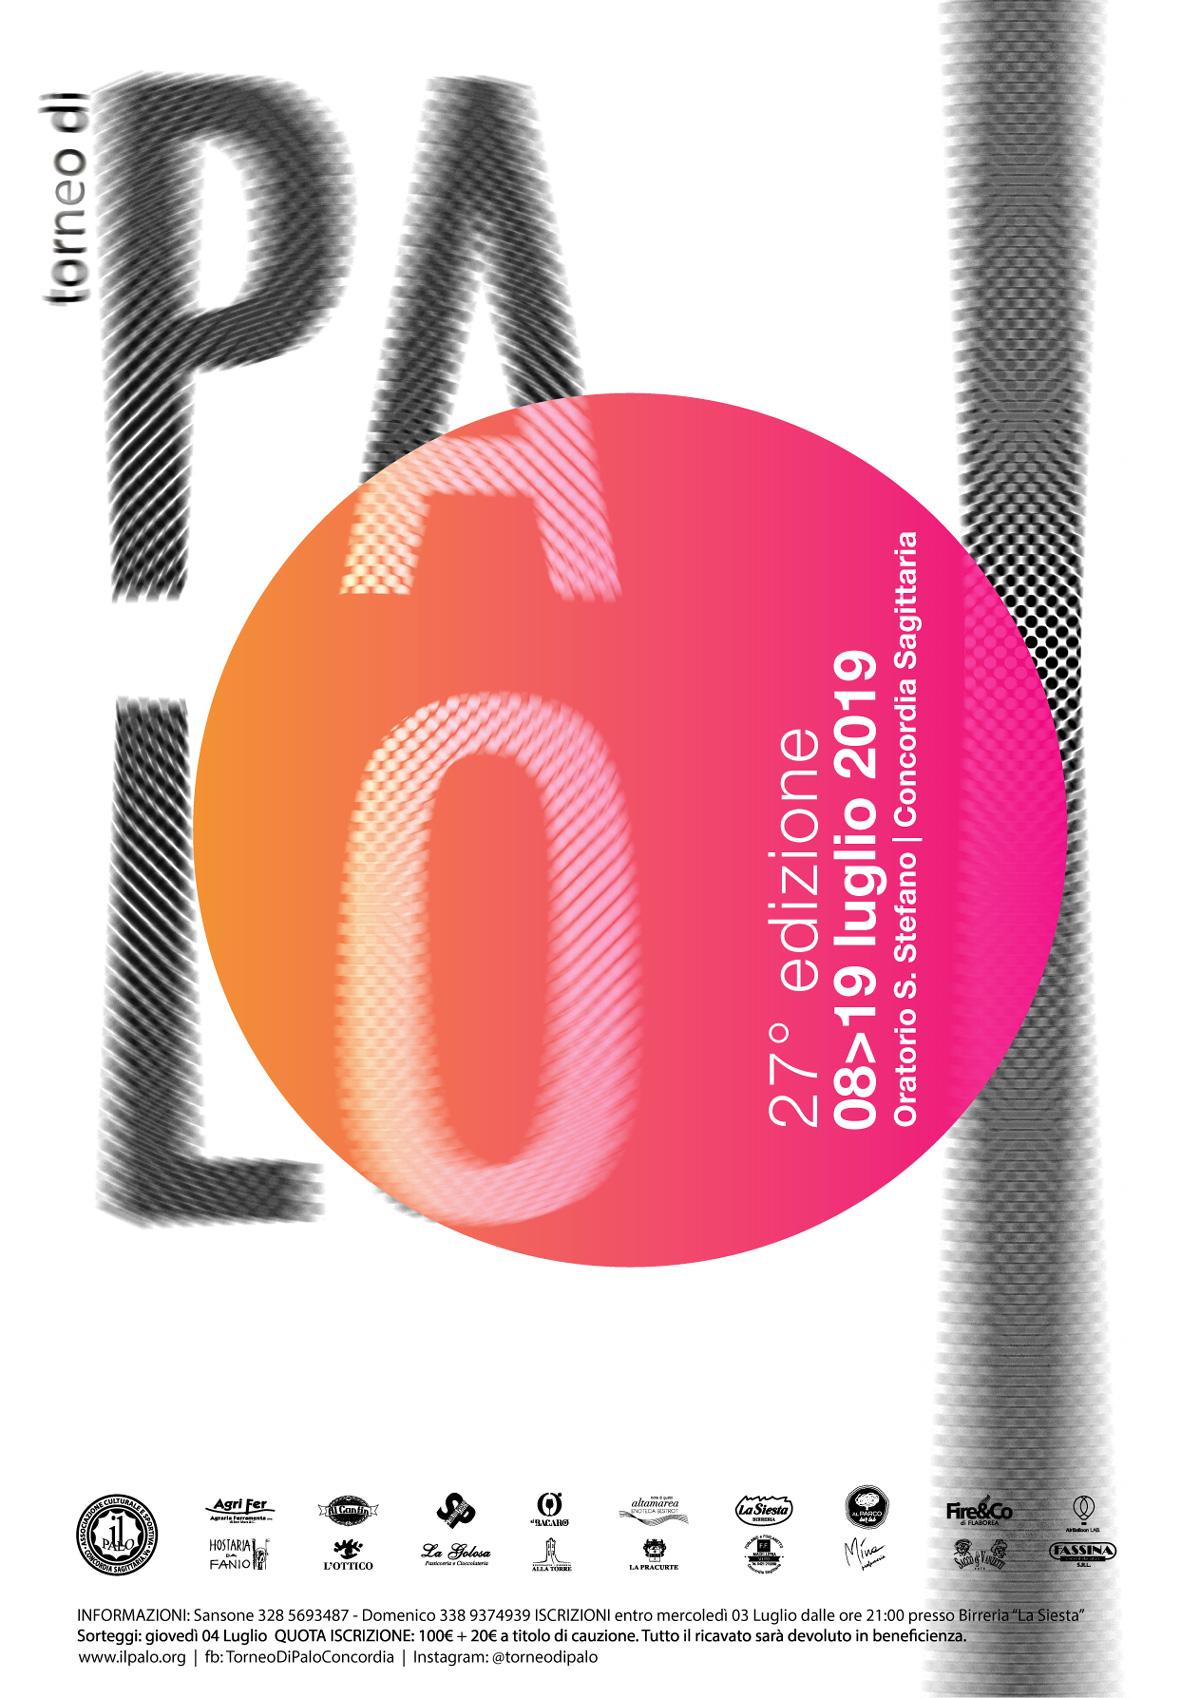 27° Torneo di Palo dal 8 al 19 Luglio 2019 a Concordia Sagittaria